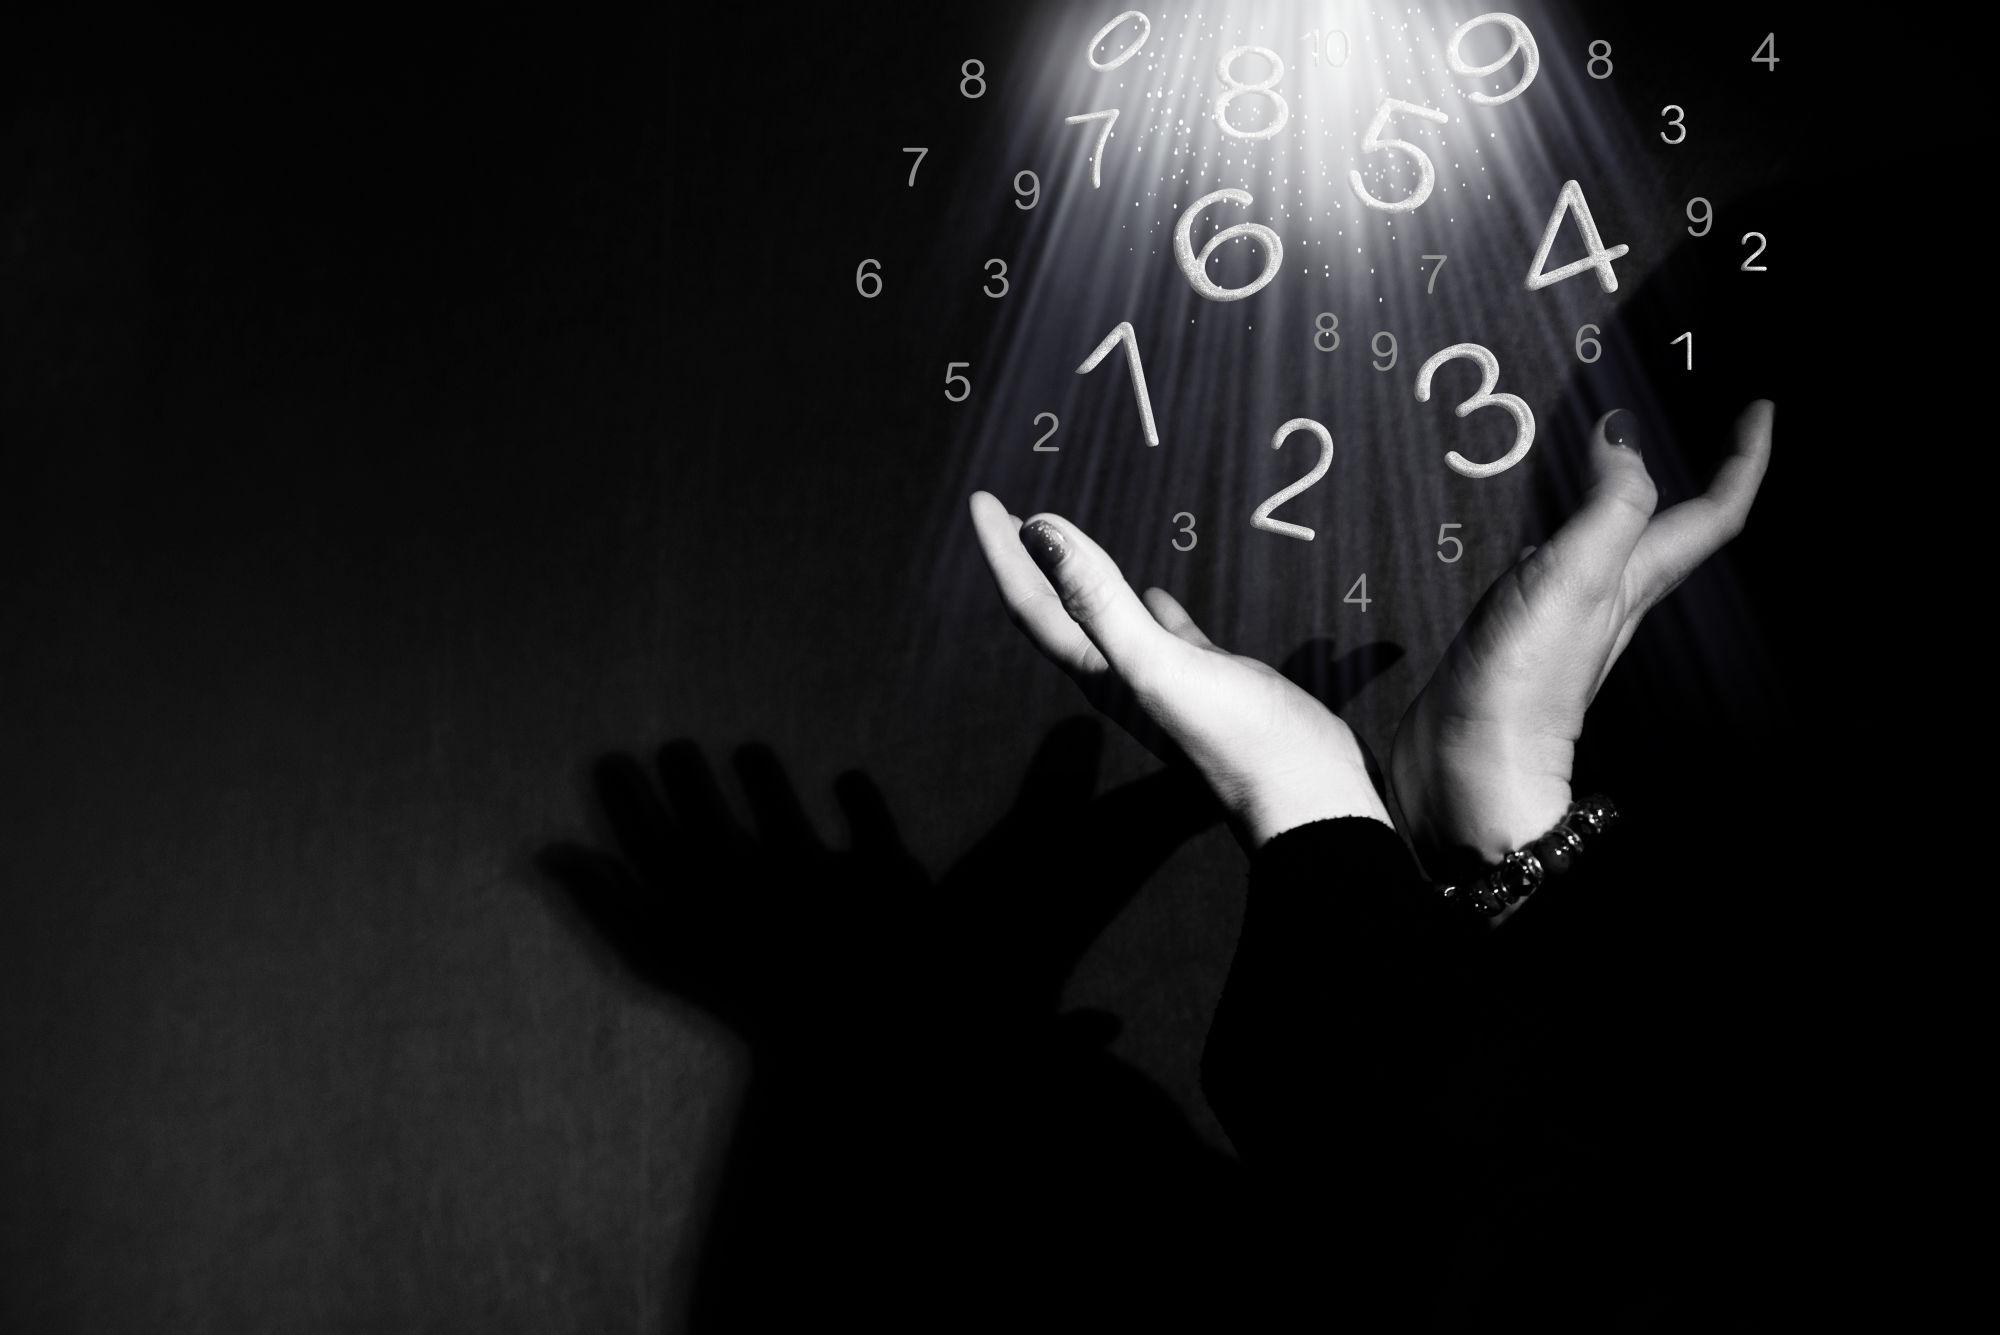 numeros entre las manos de una persona